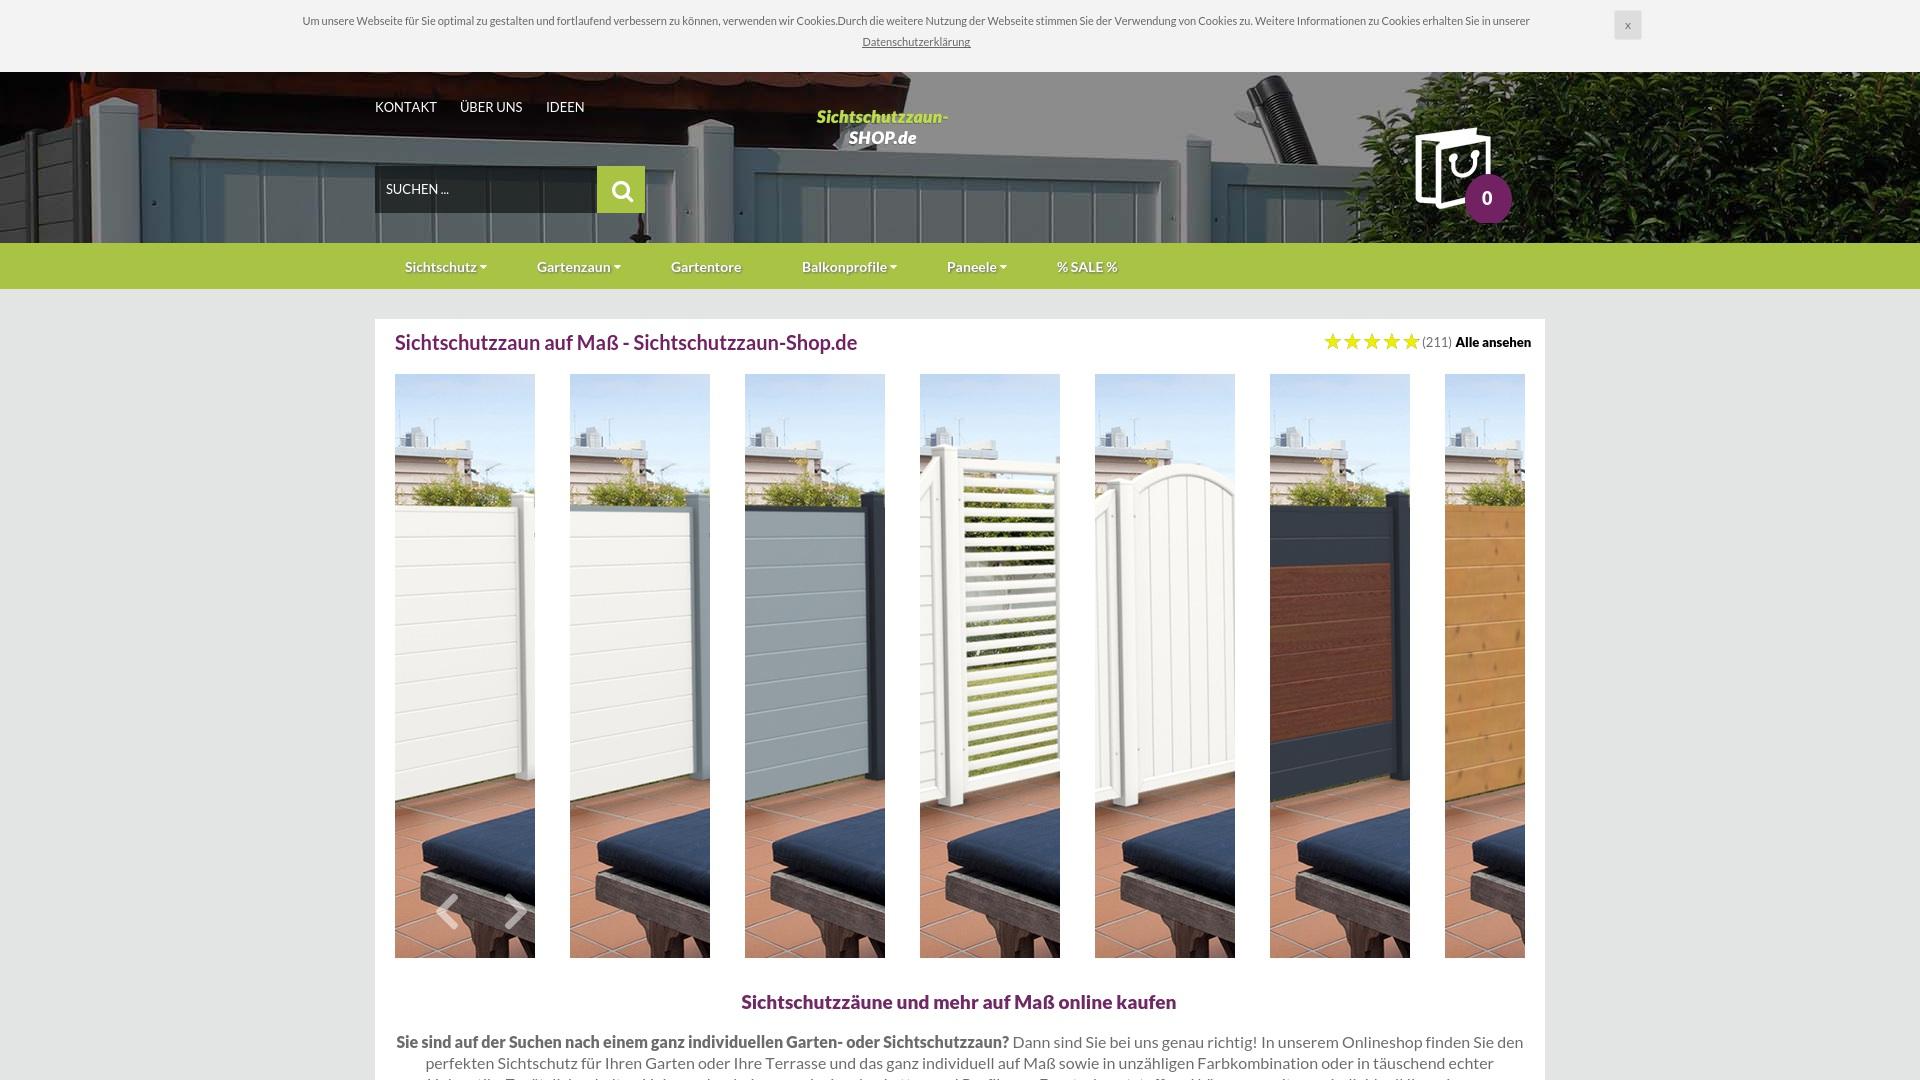 Gutschein für Sichtschutzzaun-shop: Rabatte für  Sichtschutzzaun-shop sichern